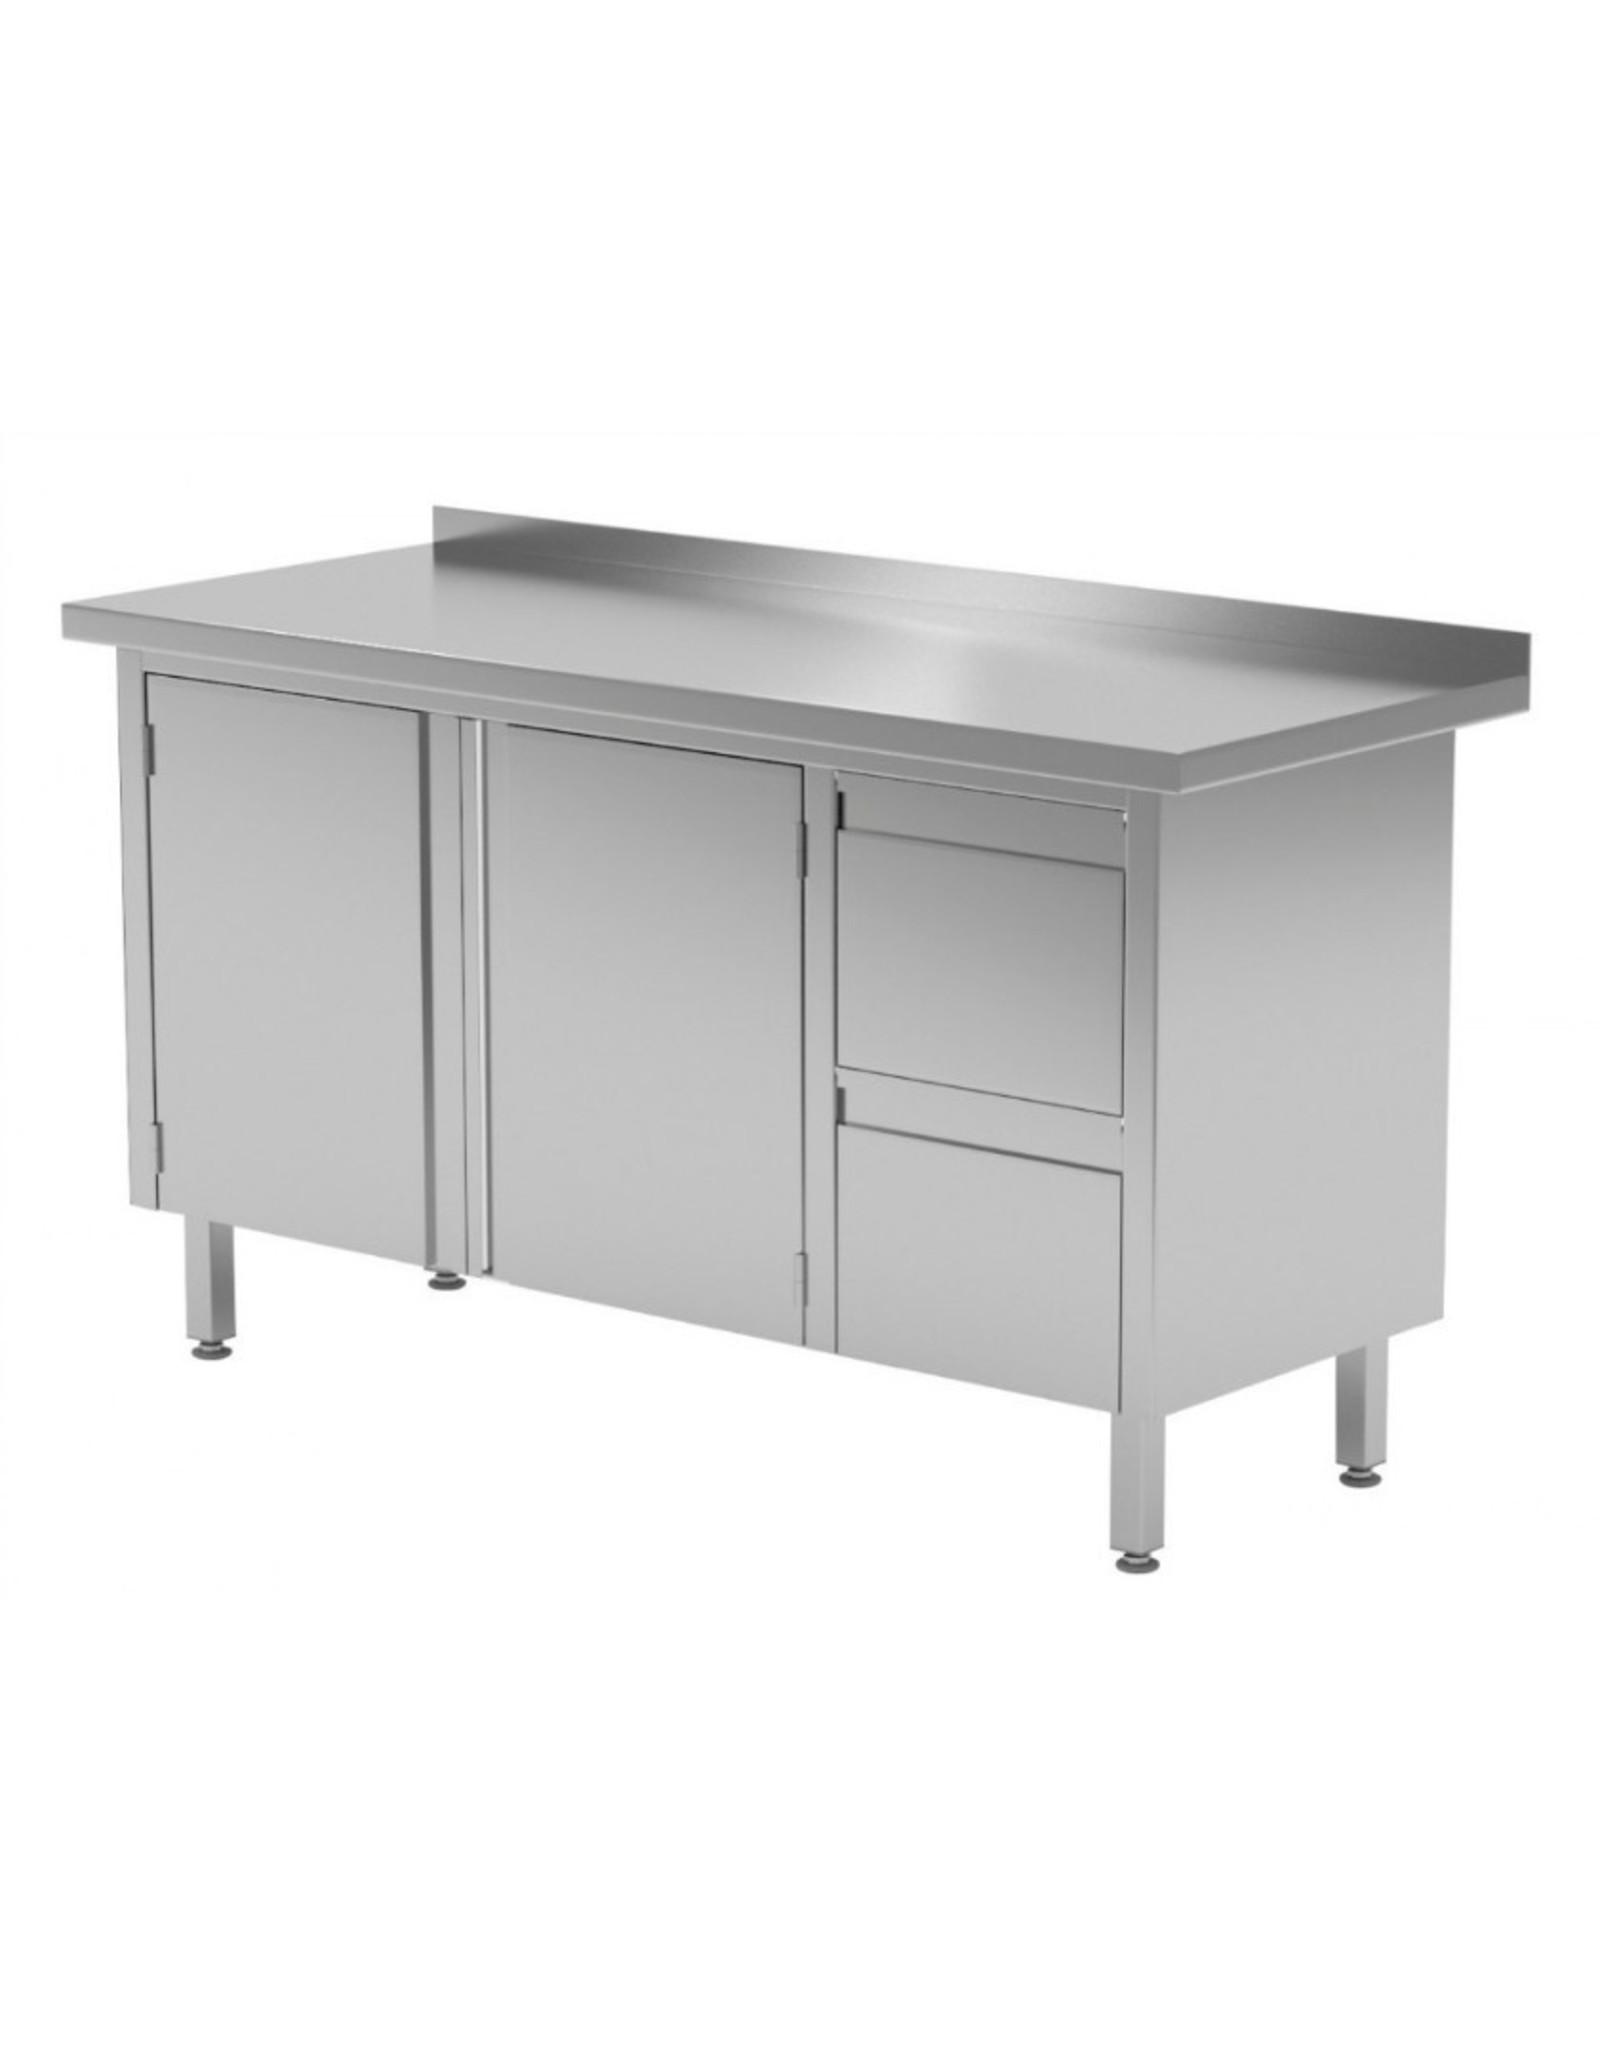 Werktafel met 2 lades rechts en klapdeuren | 1100-1900mm breed | 600 of 700mm diep